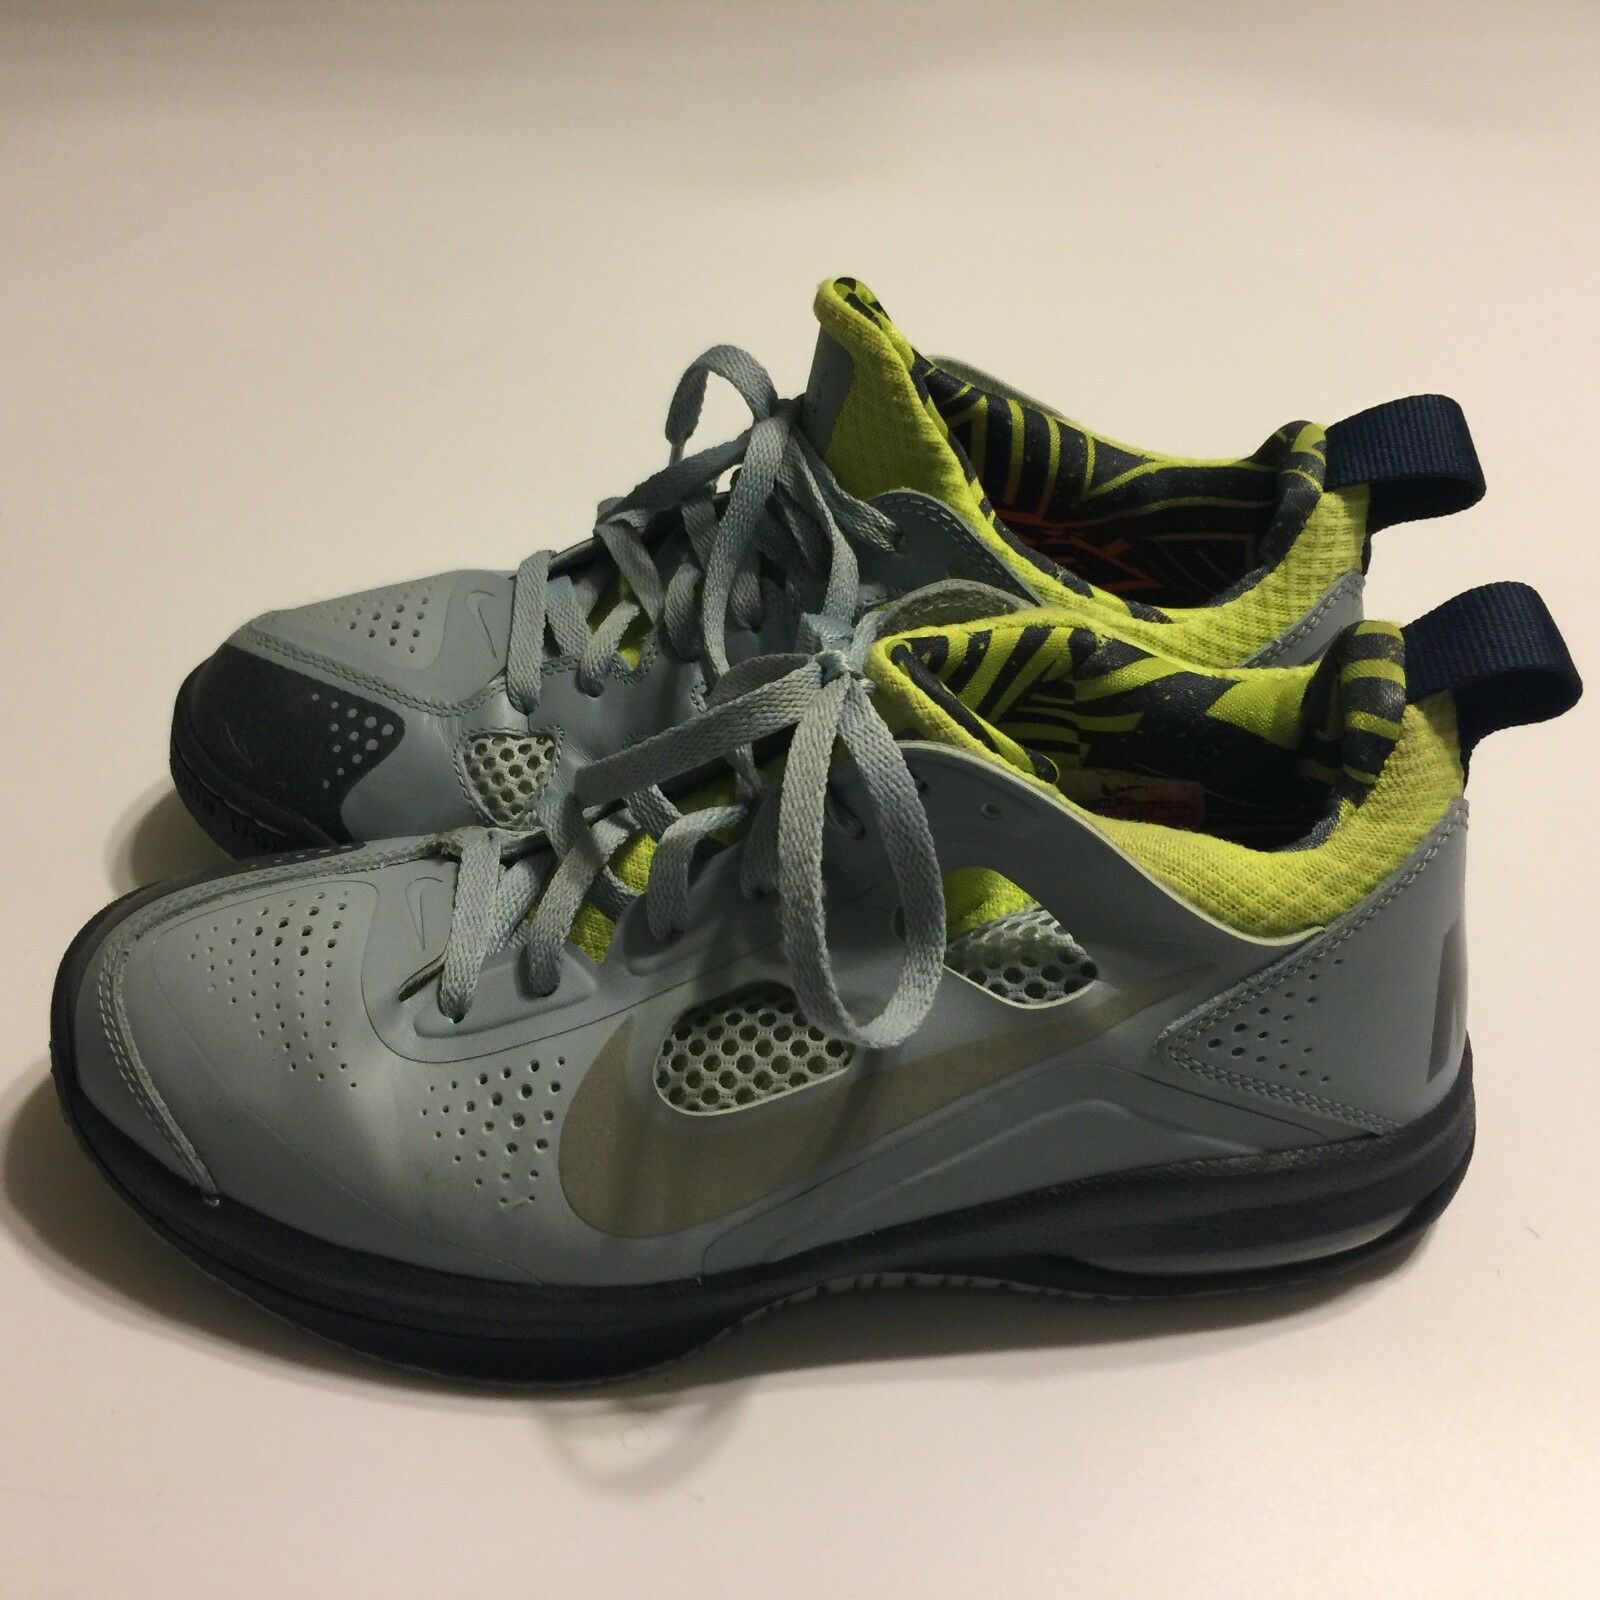 f3f1bfcb7db7e Nike Max Dominante XD 511367-400 Men Gray Basketball Basketball Basketball  Sport Gym Shoes Size